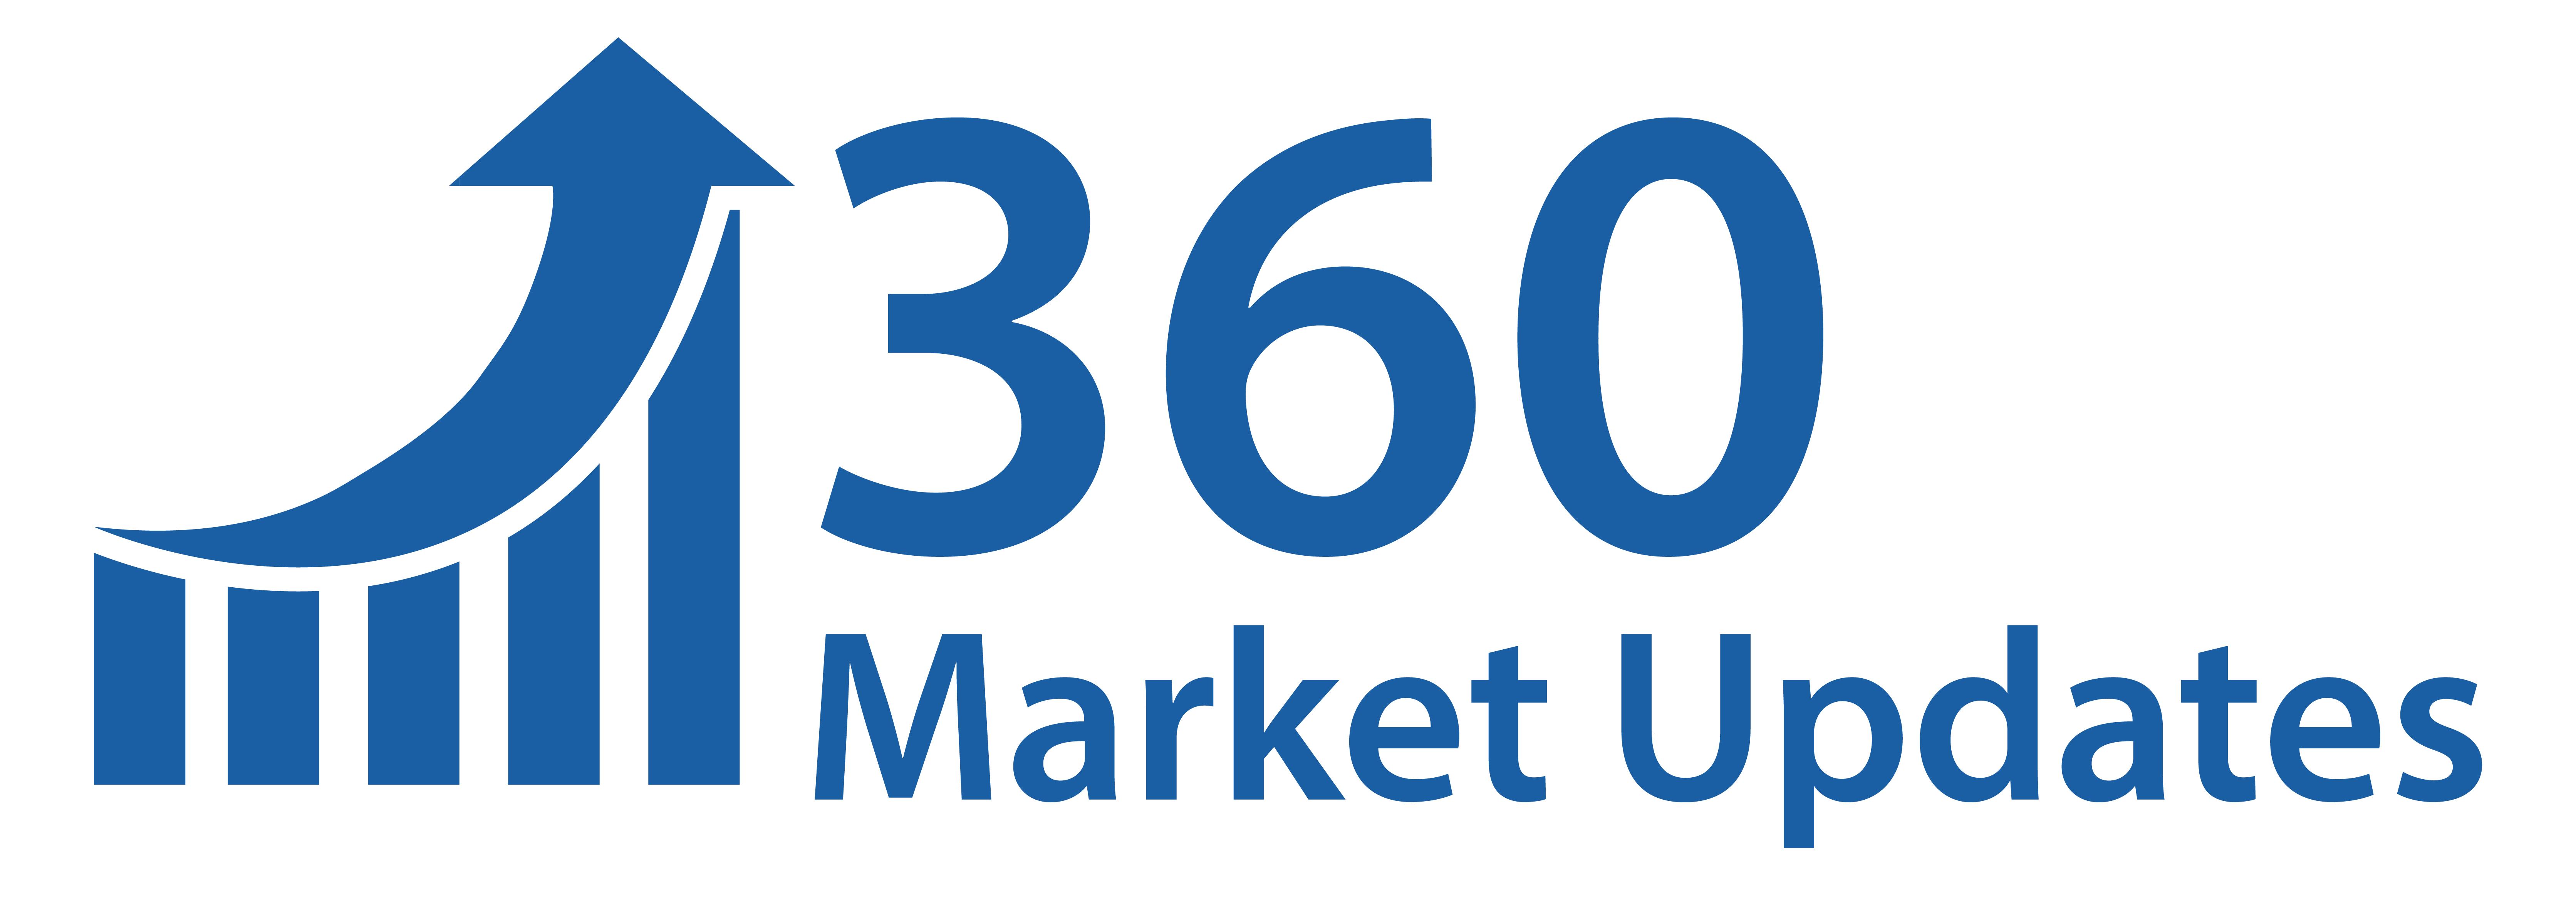 Synbiotische Produkte Markt 2020 – Industrie Nachfrage, Aktie, Größe, Zukunftstrends Pläne, Wachstumschancen, Schlüsselakteure, Anwendung, Nachfrage, Industrie-Forschungsbericht von Regional Forecast bis 2025